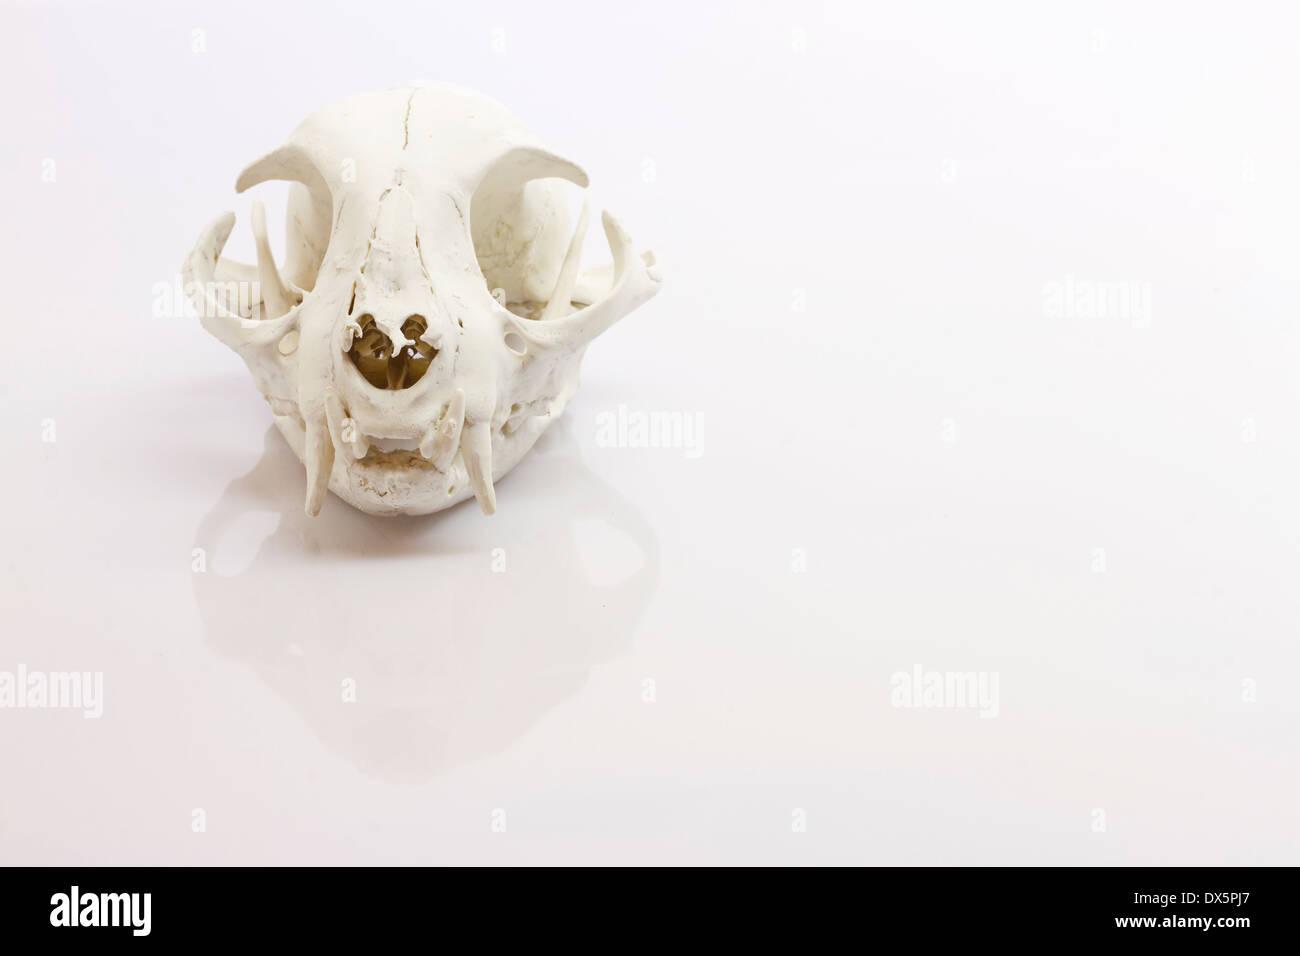 Katze Schädel auf weißem Hintergrund Stockfoto